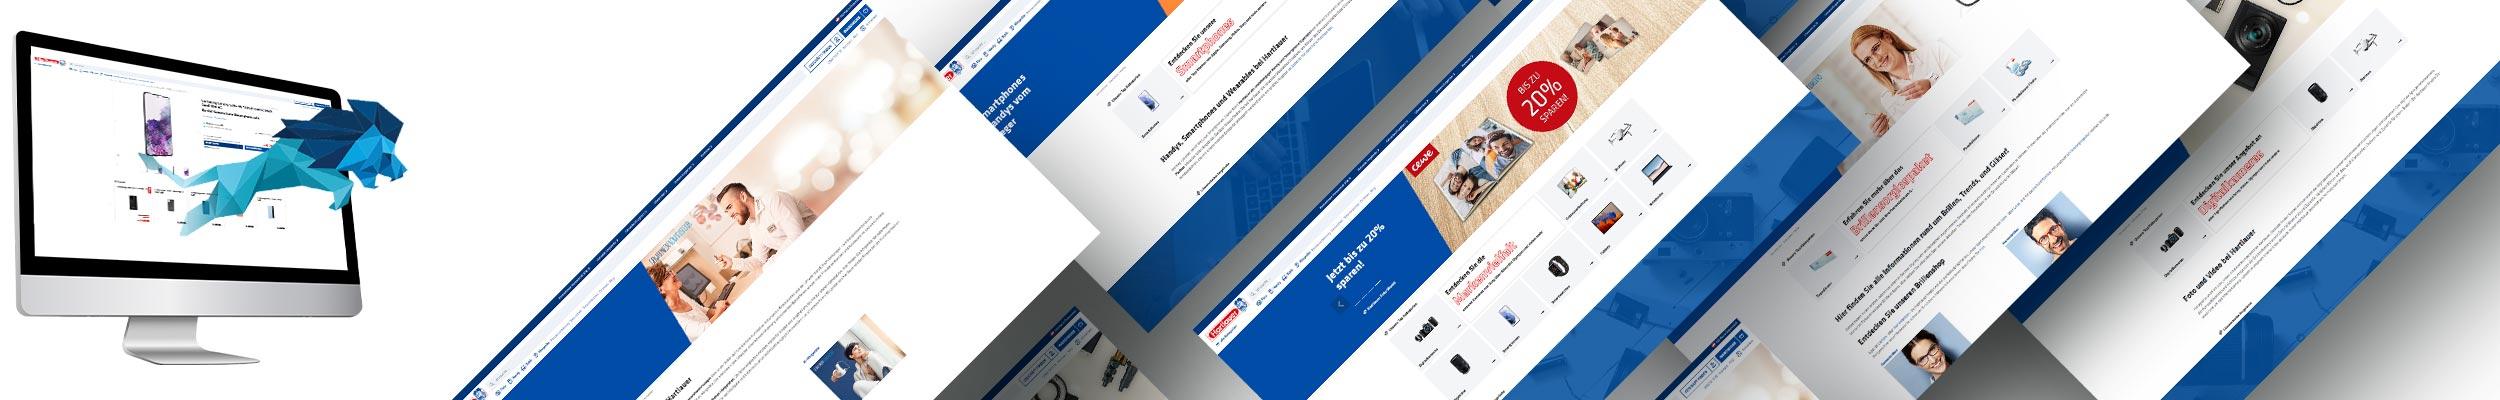 """""""Löwe springt aus einem PC Screen, der die neue Hartlauer Website zeigt"""""""